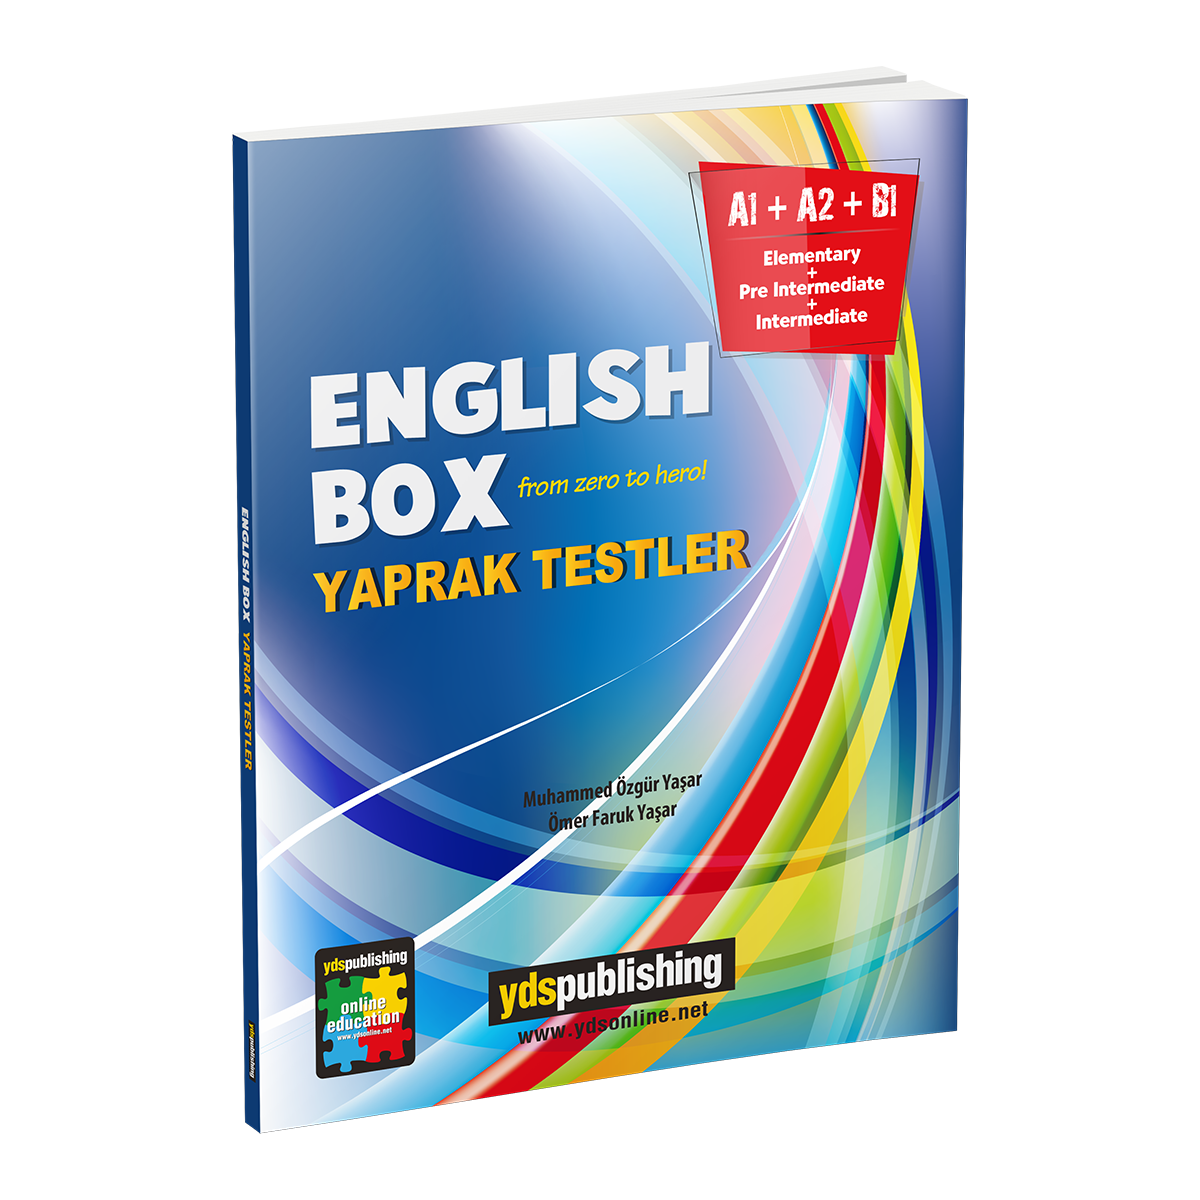 - English Box Yaprak Testler (English Box ile birlikte)